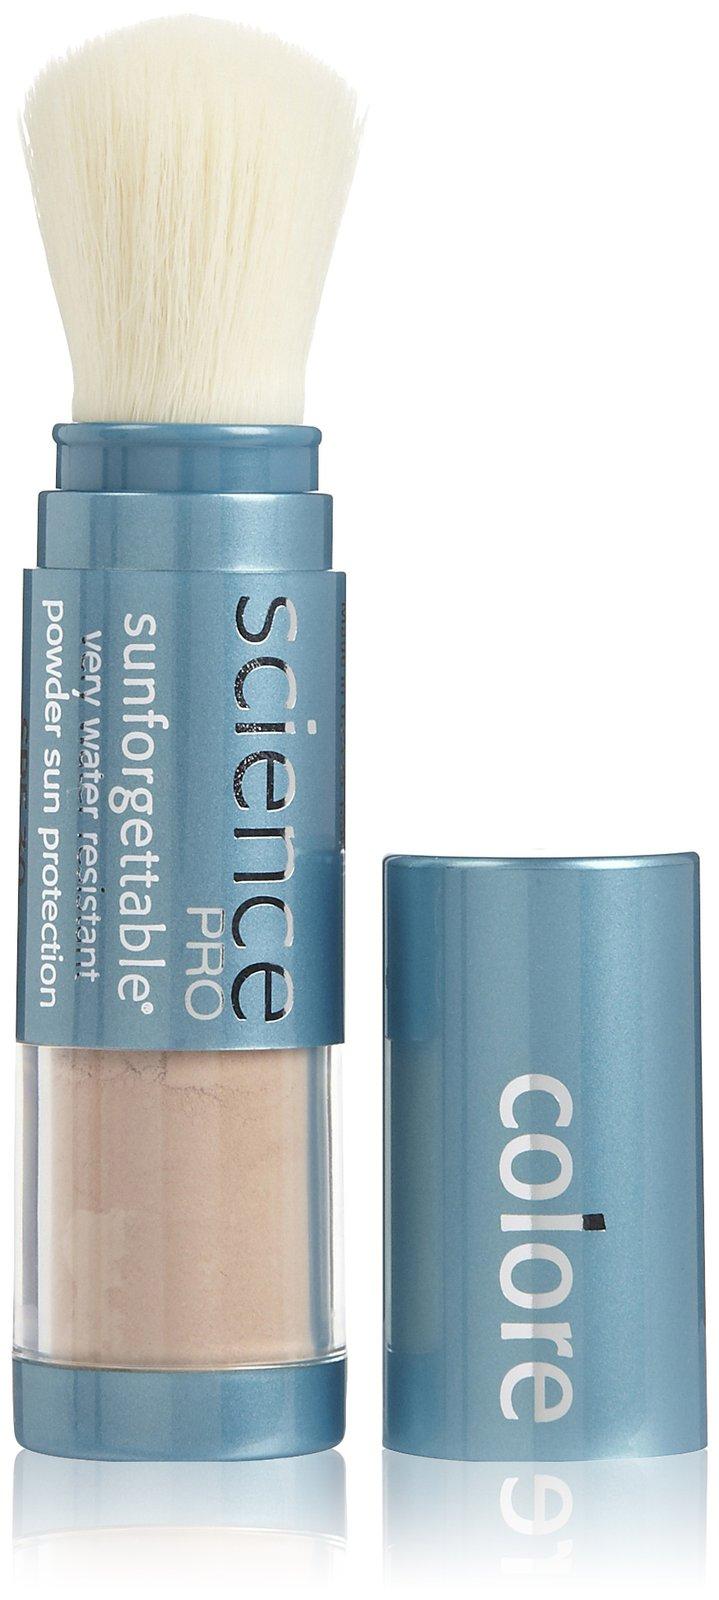 Colorescience Sunforgettable Mineral Sunscreen SPF 50 Brush, Tan, 1 ea